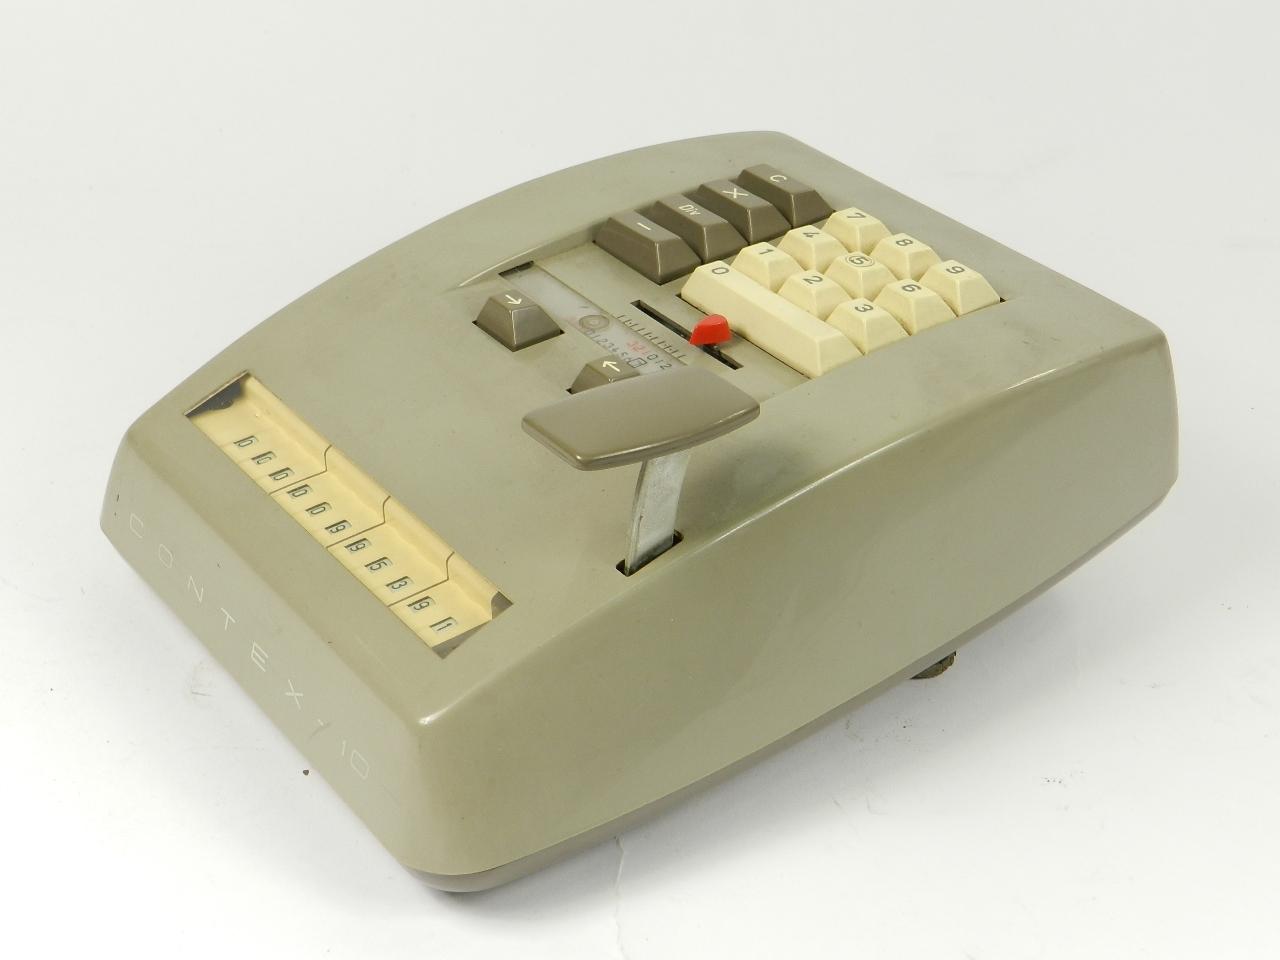 Imagen CONTEX-10 Mod.E  AÑO 1960 33619